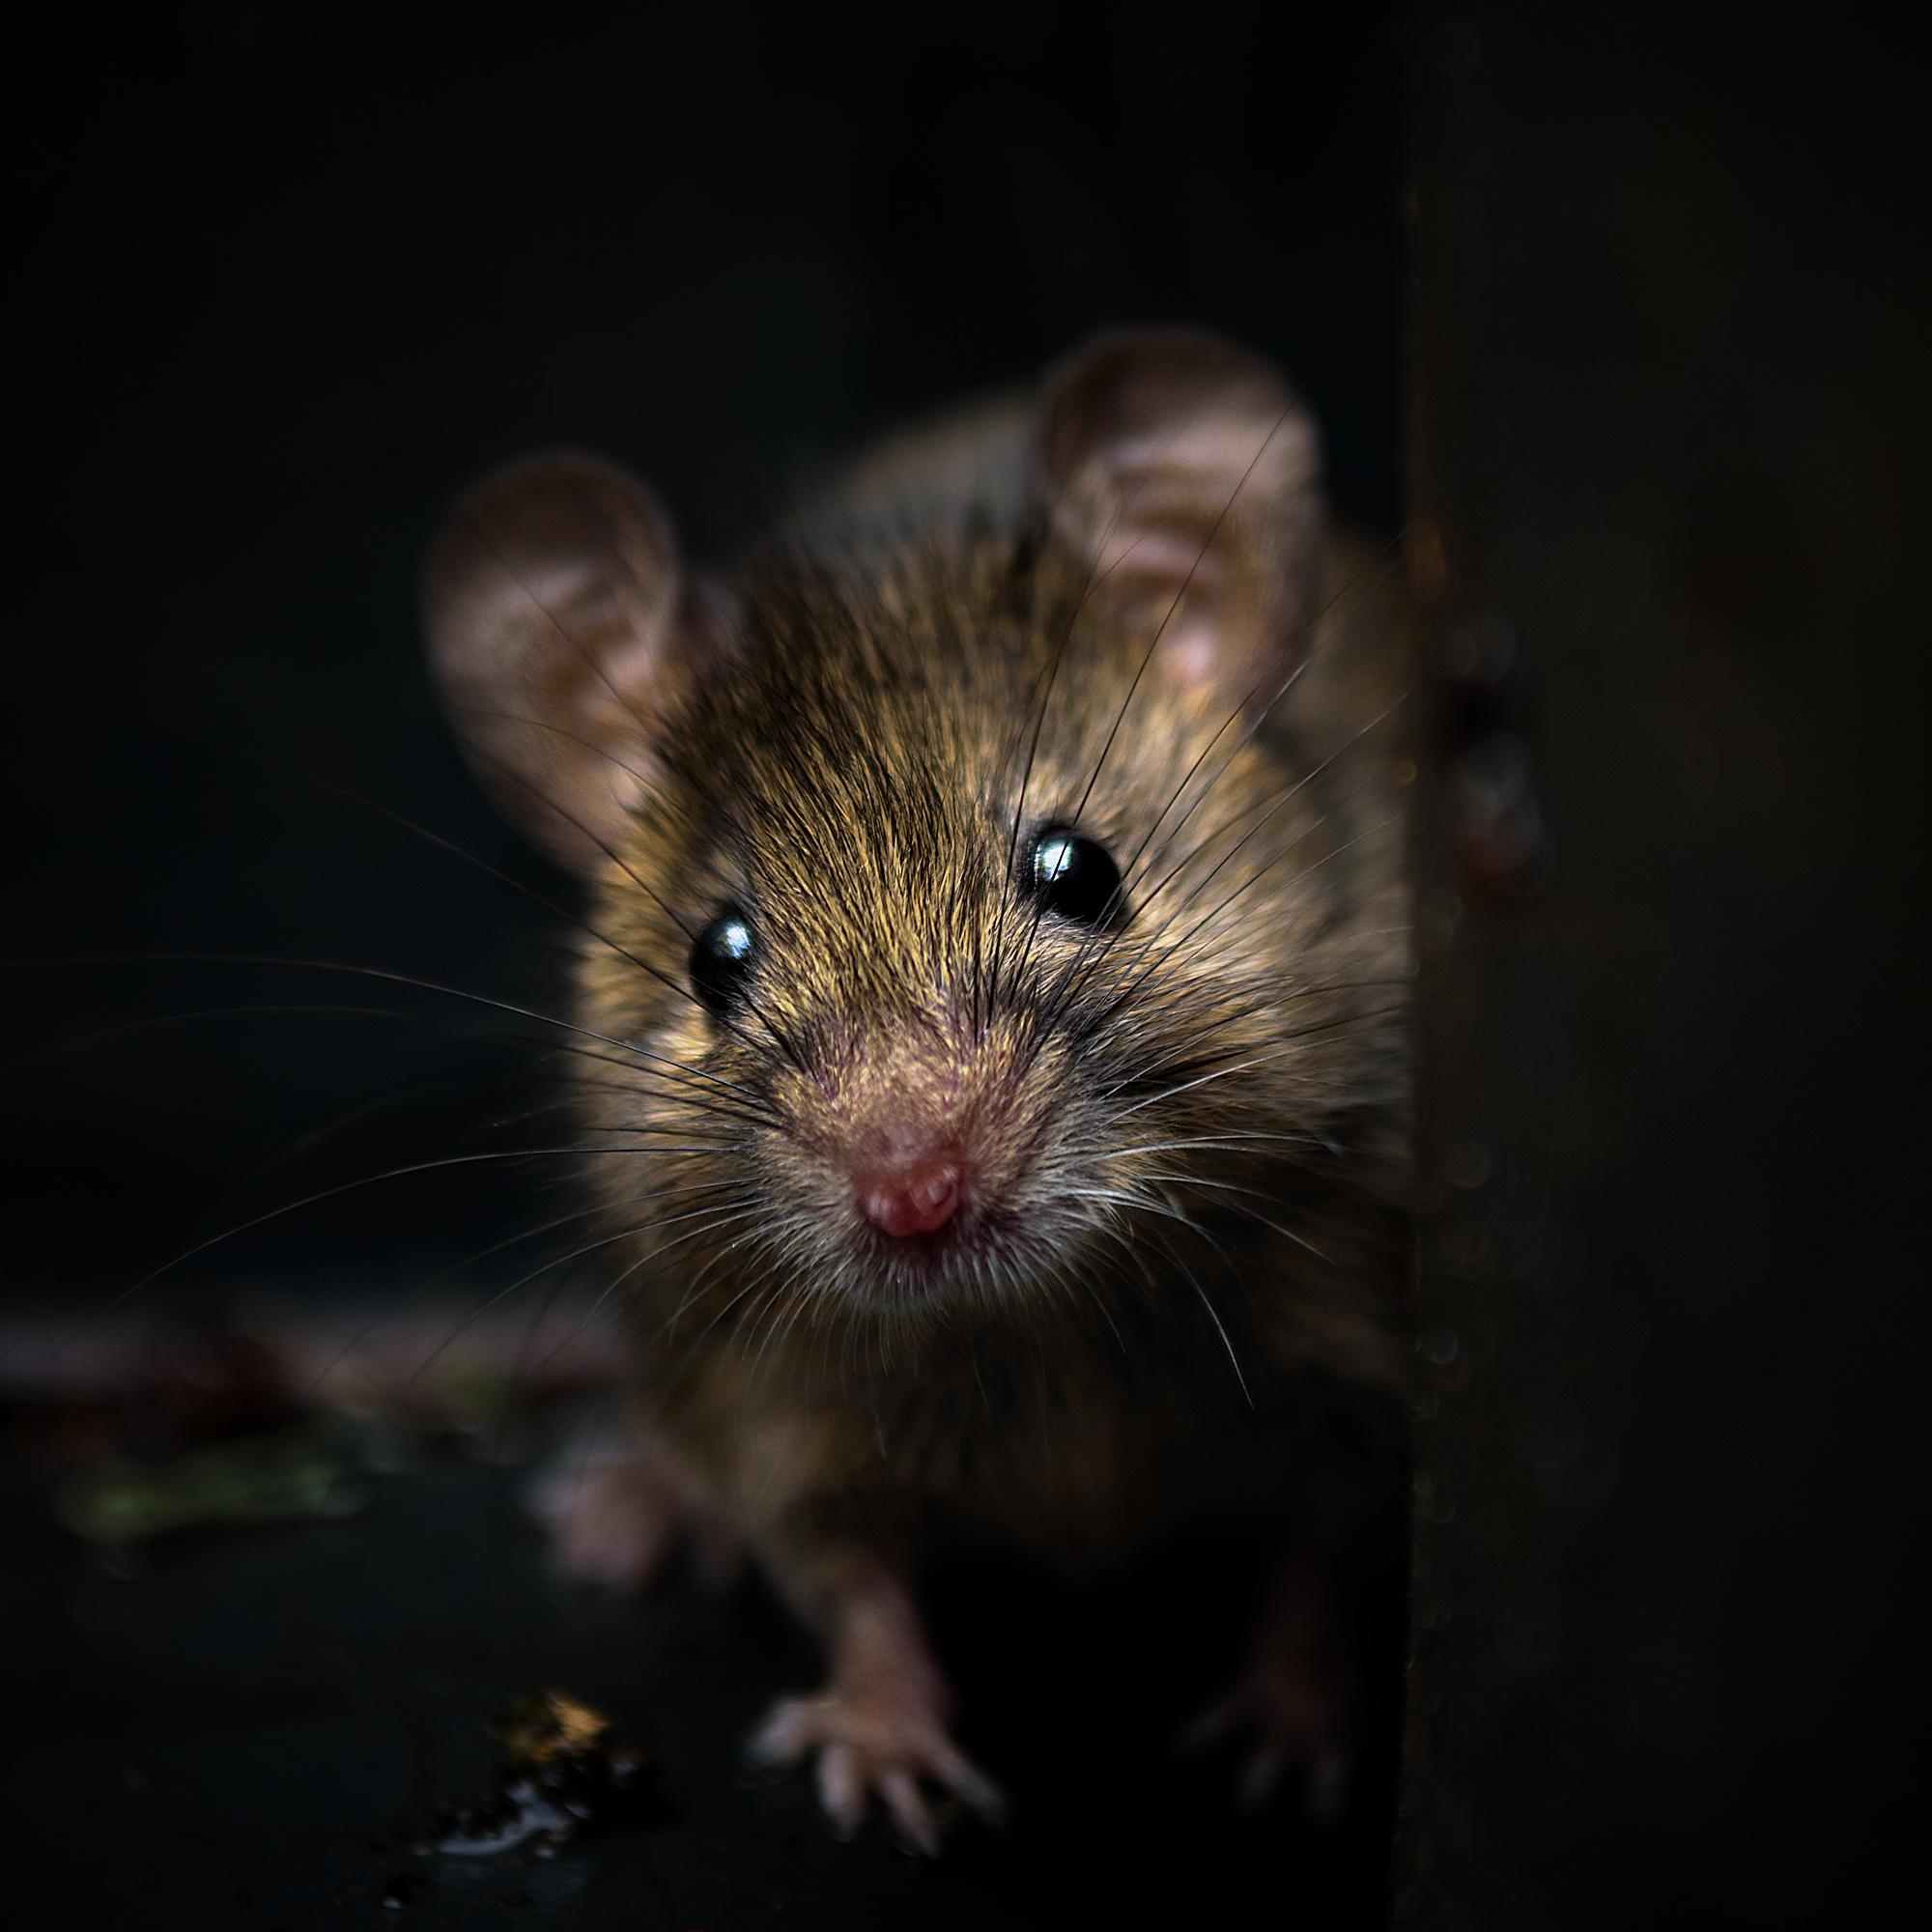 Bei Mäusen nimmt die optische Qualität der Netzhaut im ersten Monat nach der Geburt zu, wodurch sie selbst in der Dunkelheit sehen können